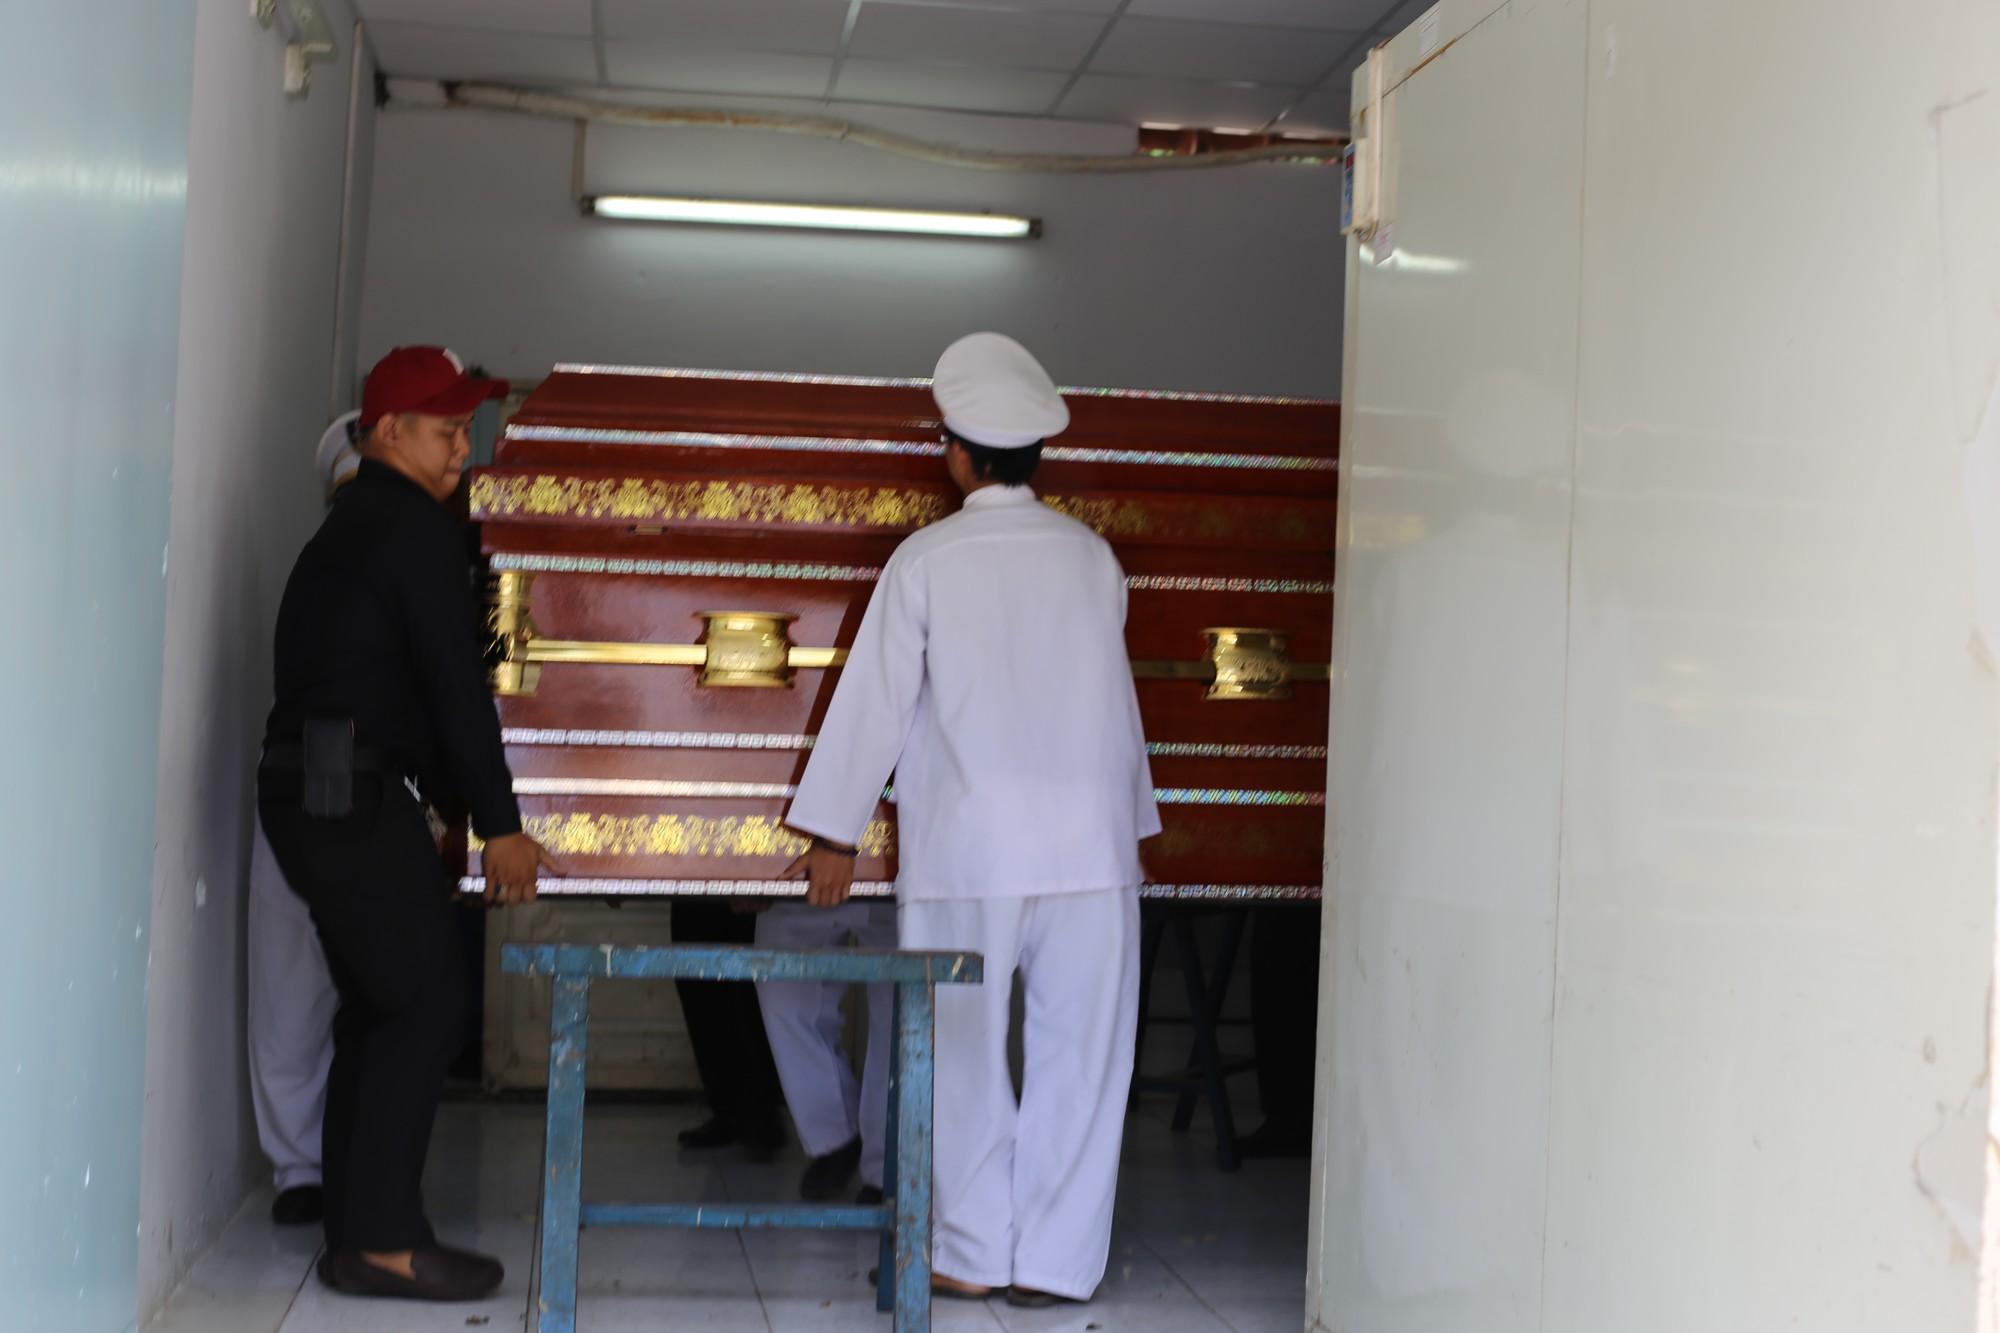 Vợ sắp cưới của hiệp sĩ Nguyễn Hoàng Nam khóc ngất bên linh cữu của chồng - Ảnh 9.